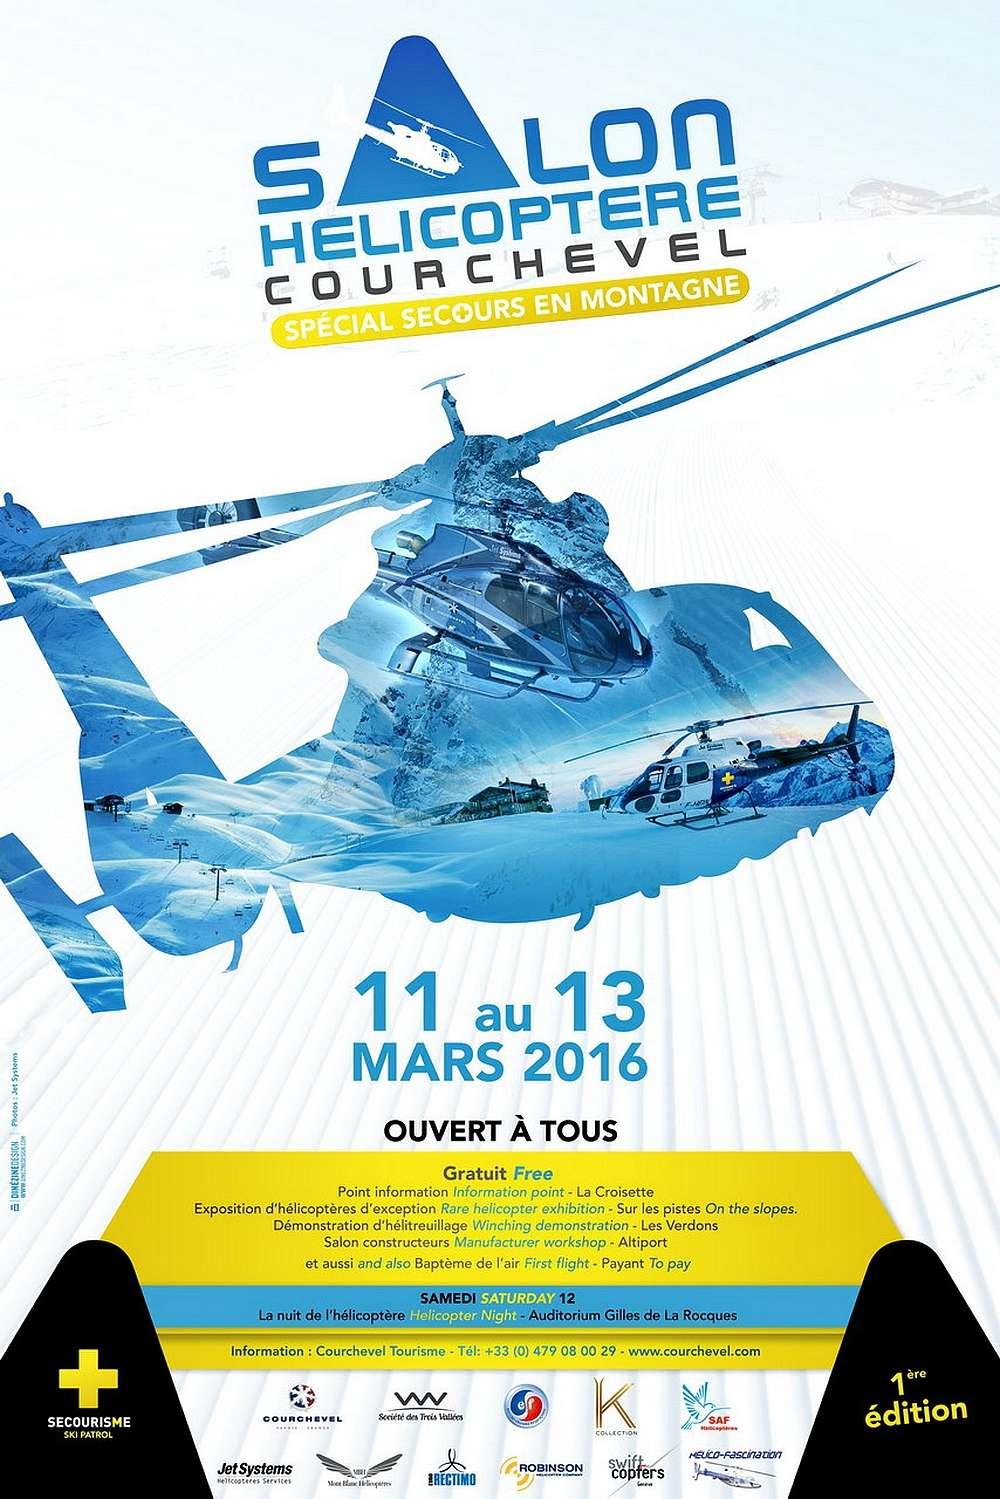 Salon Hélicopter Courchevel 2016,SALON DE L'HÉLICOPTÈRE, 1ère édition du Salon de l'hélicoptère, French Airshow 2016